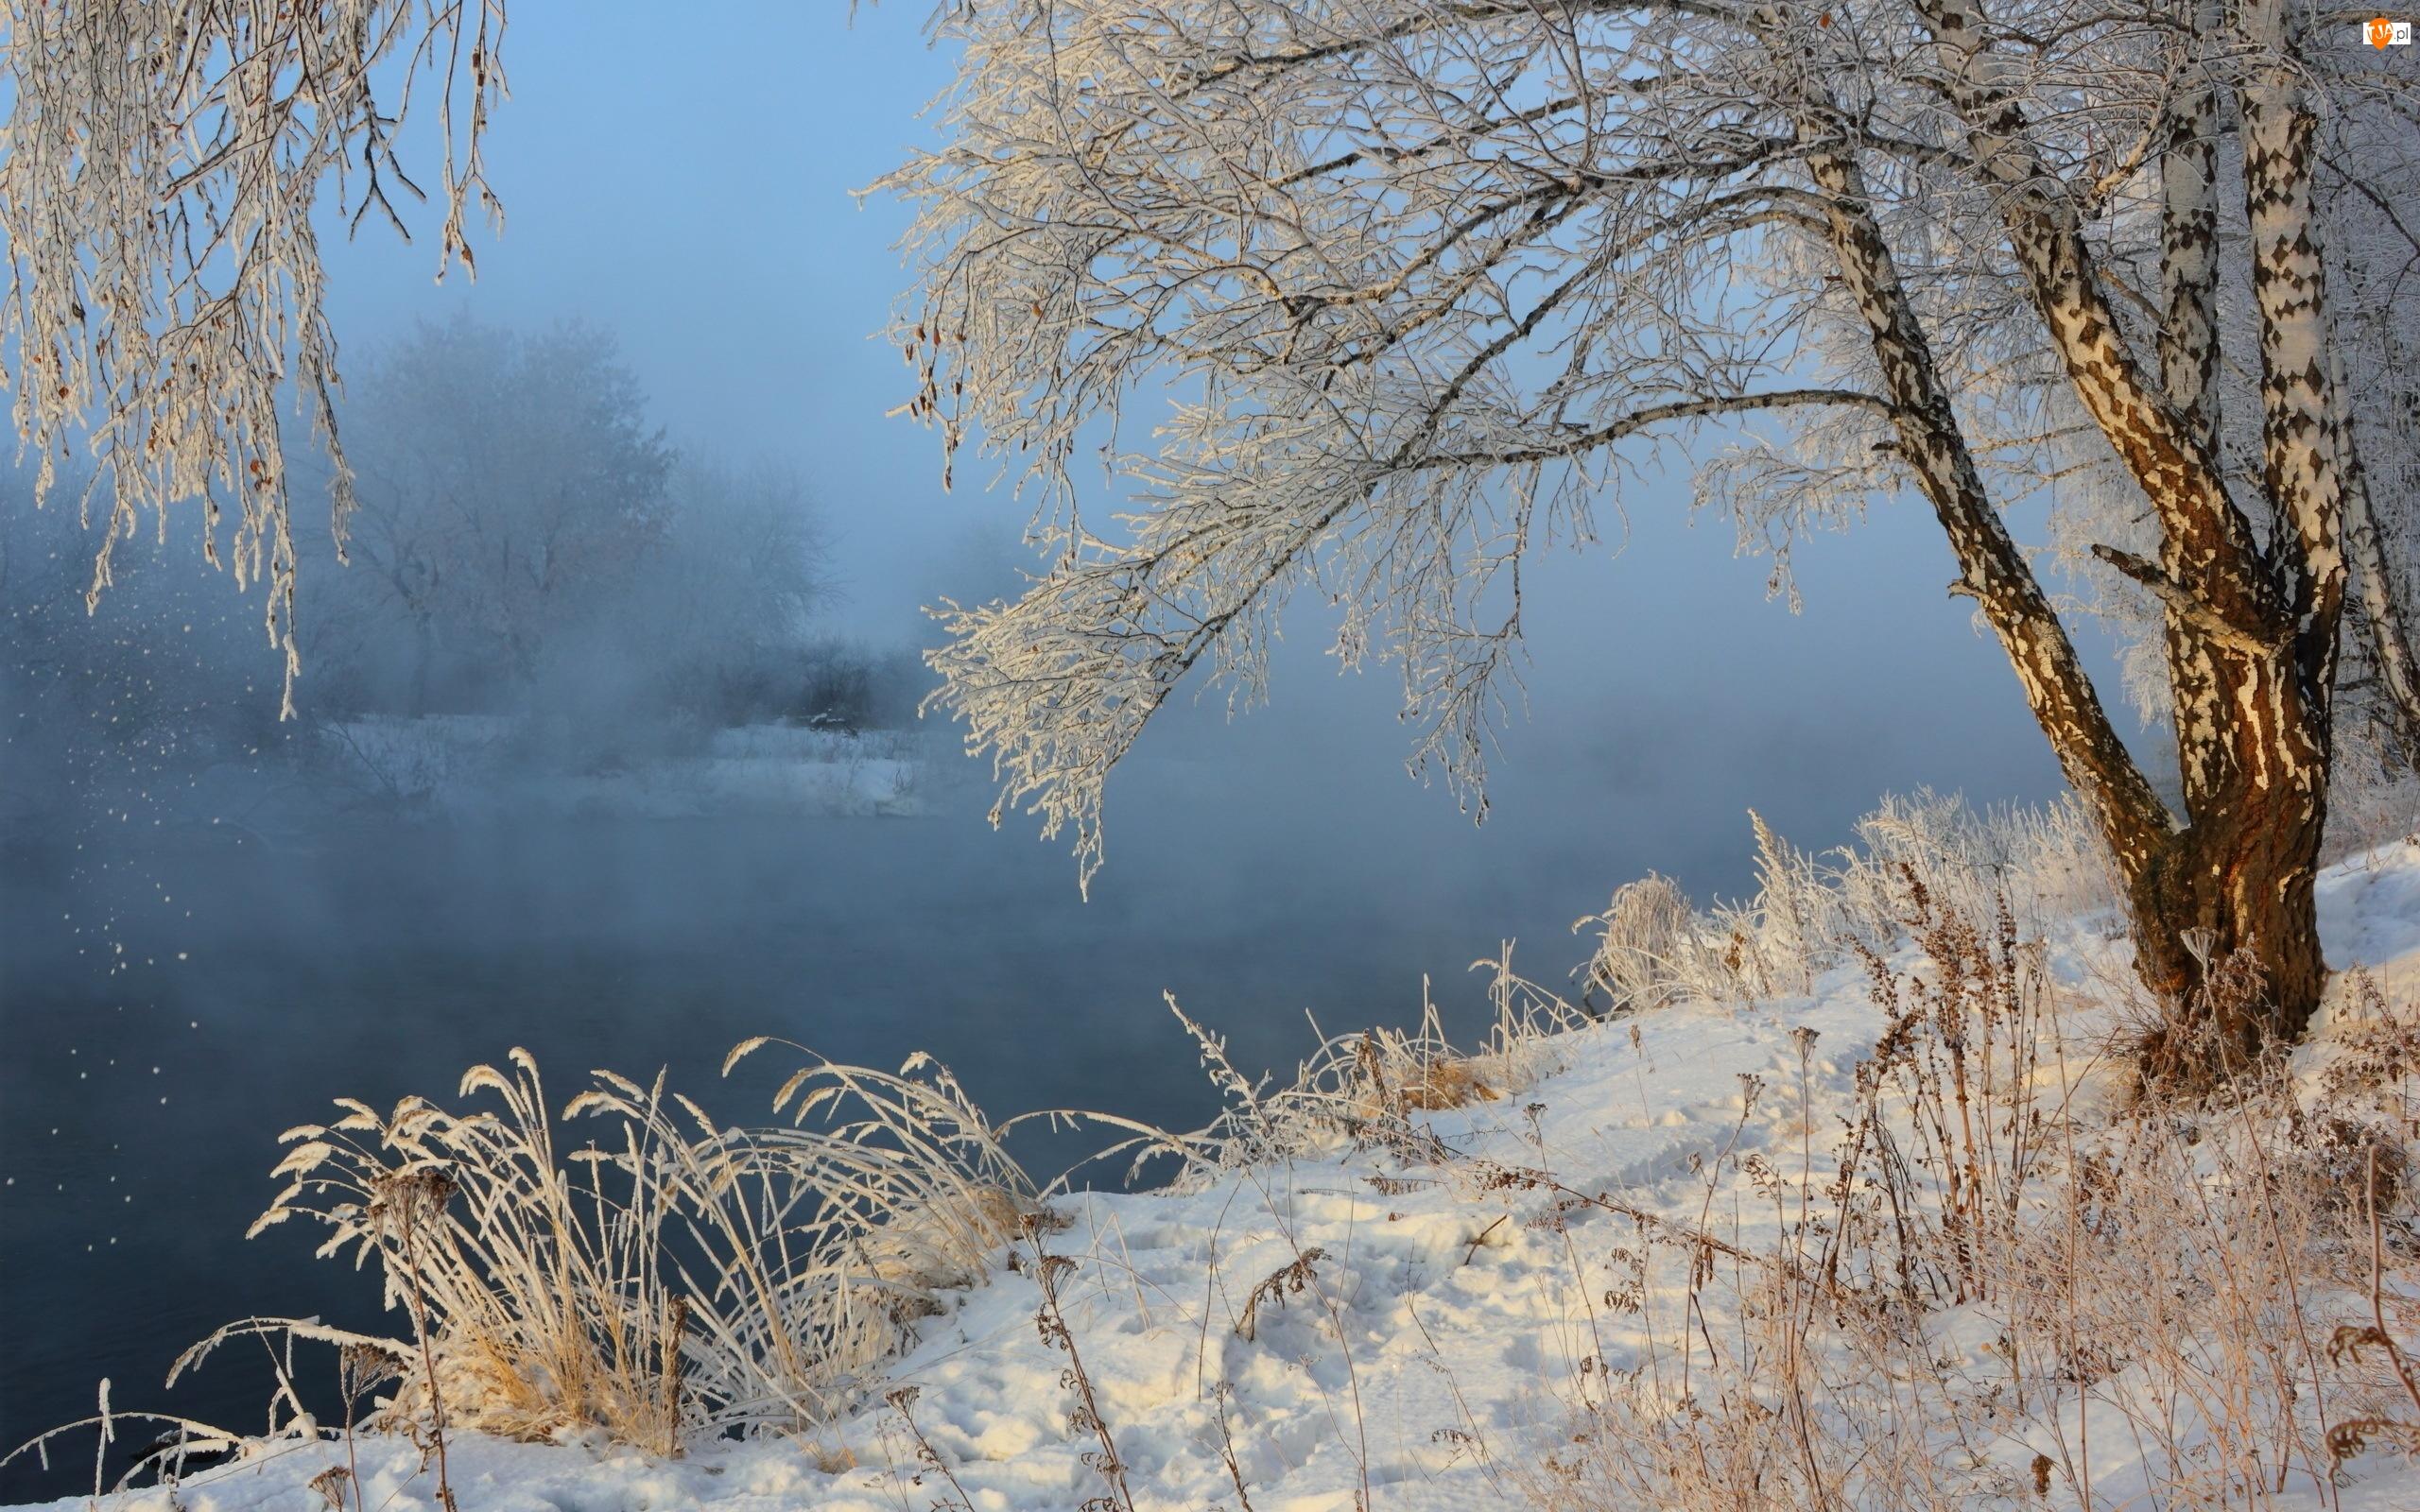 Zima, Rzeka, Brzoza, Mgła, Trawy